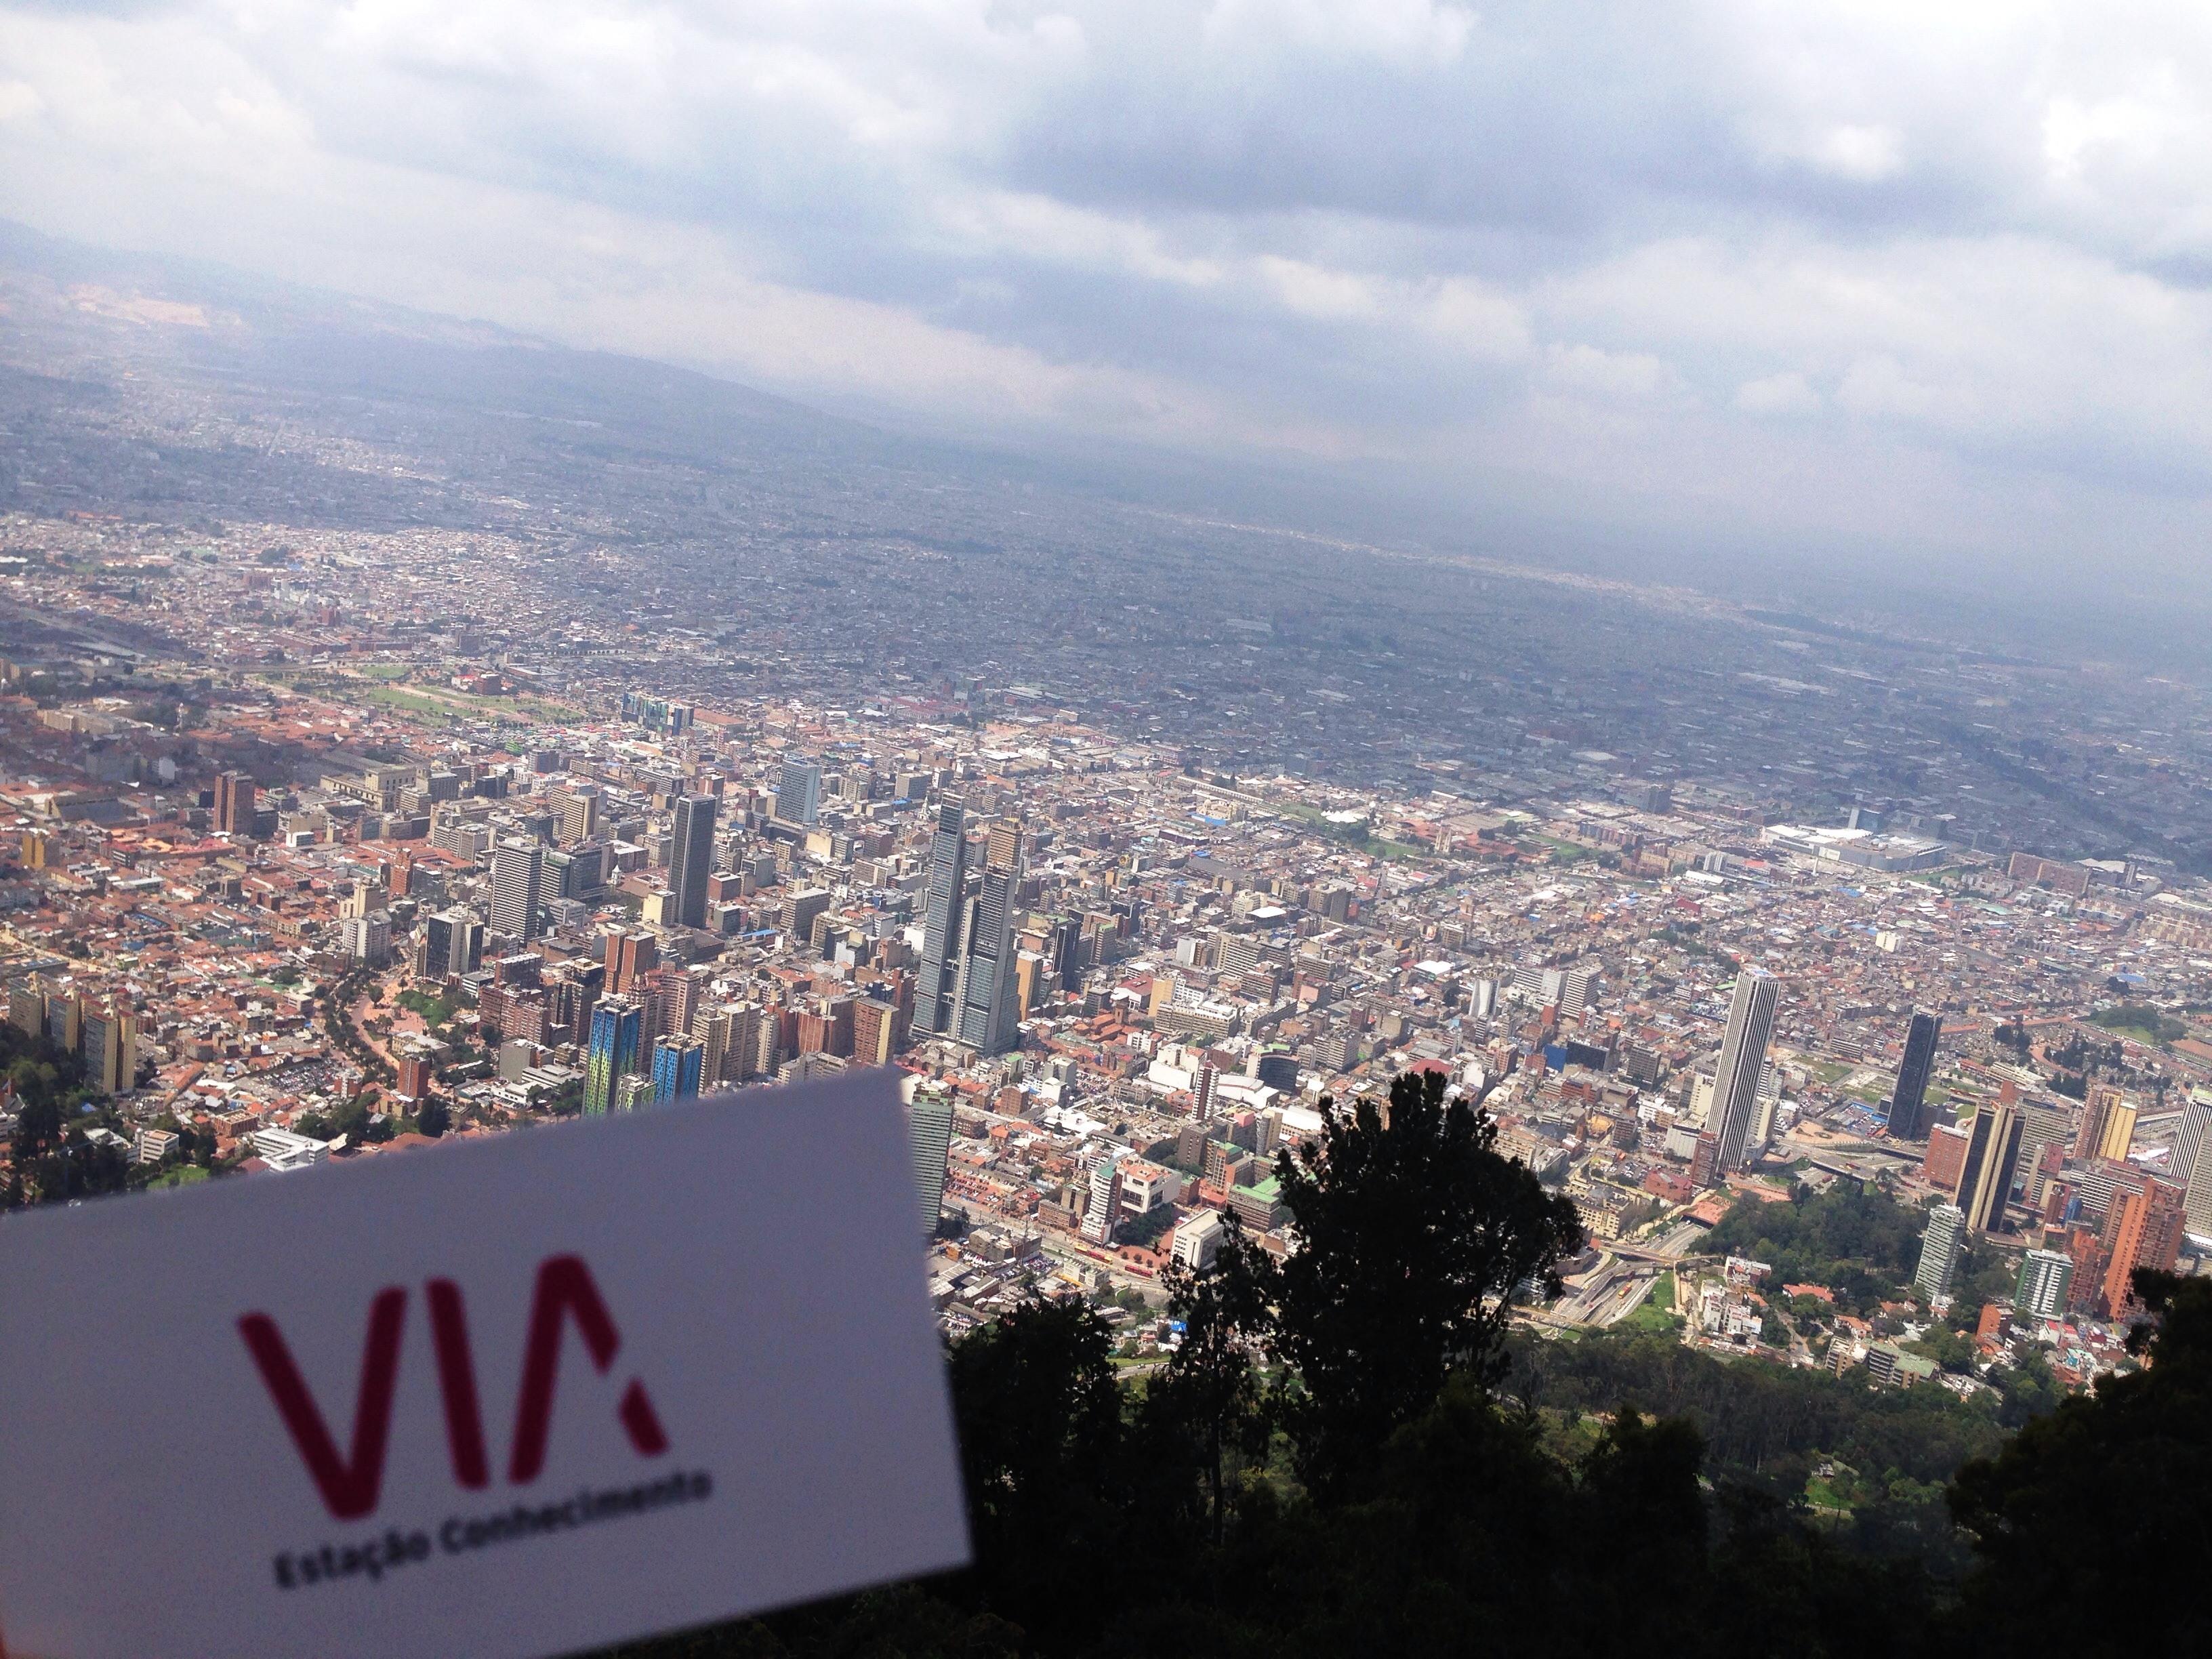 VIA Na Colômbia – As Percepções Do País Onde As Transformações Espacial E Social Impactaram Todo O Mundo